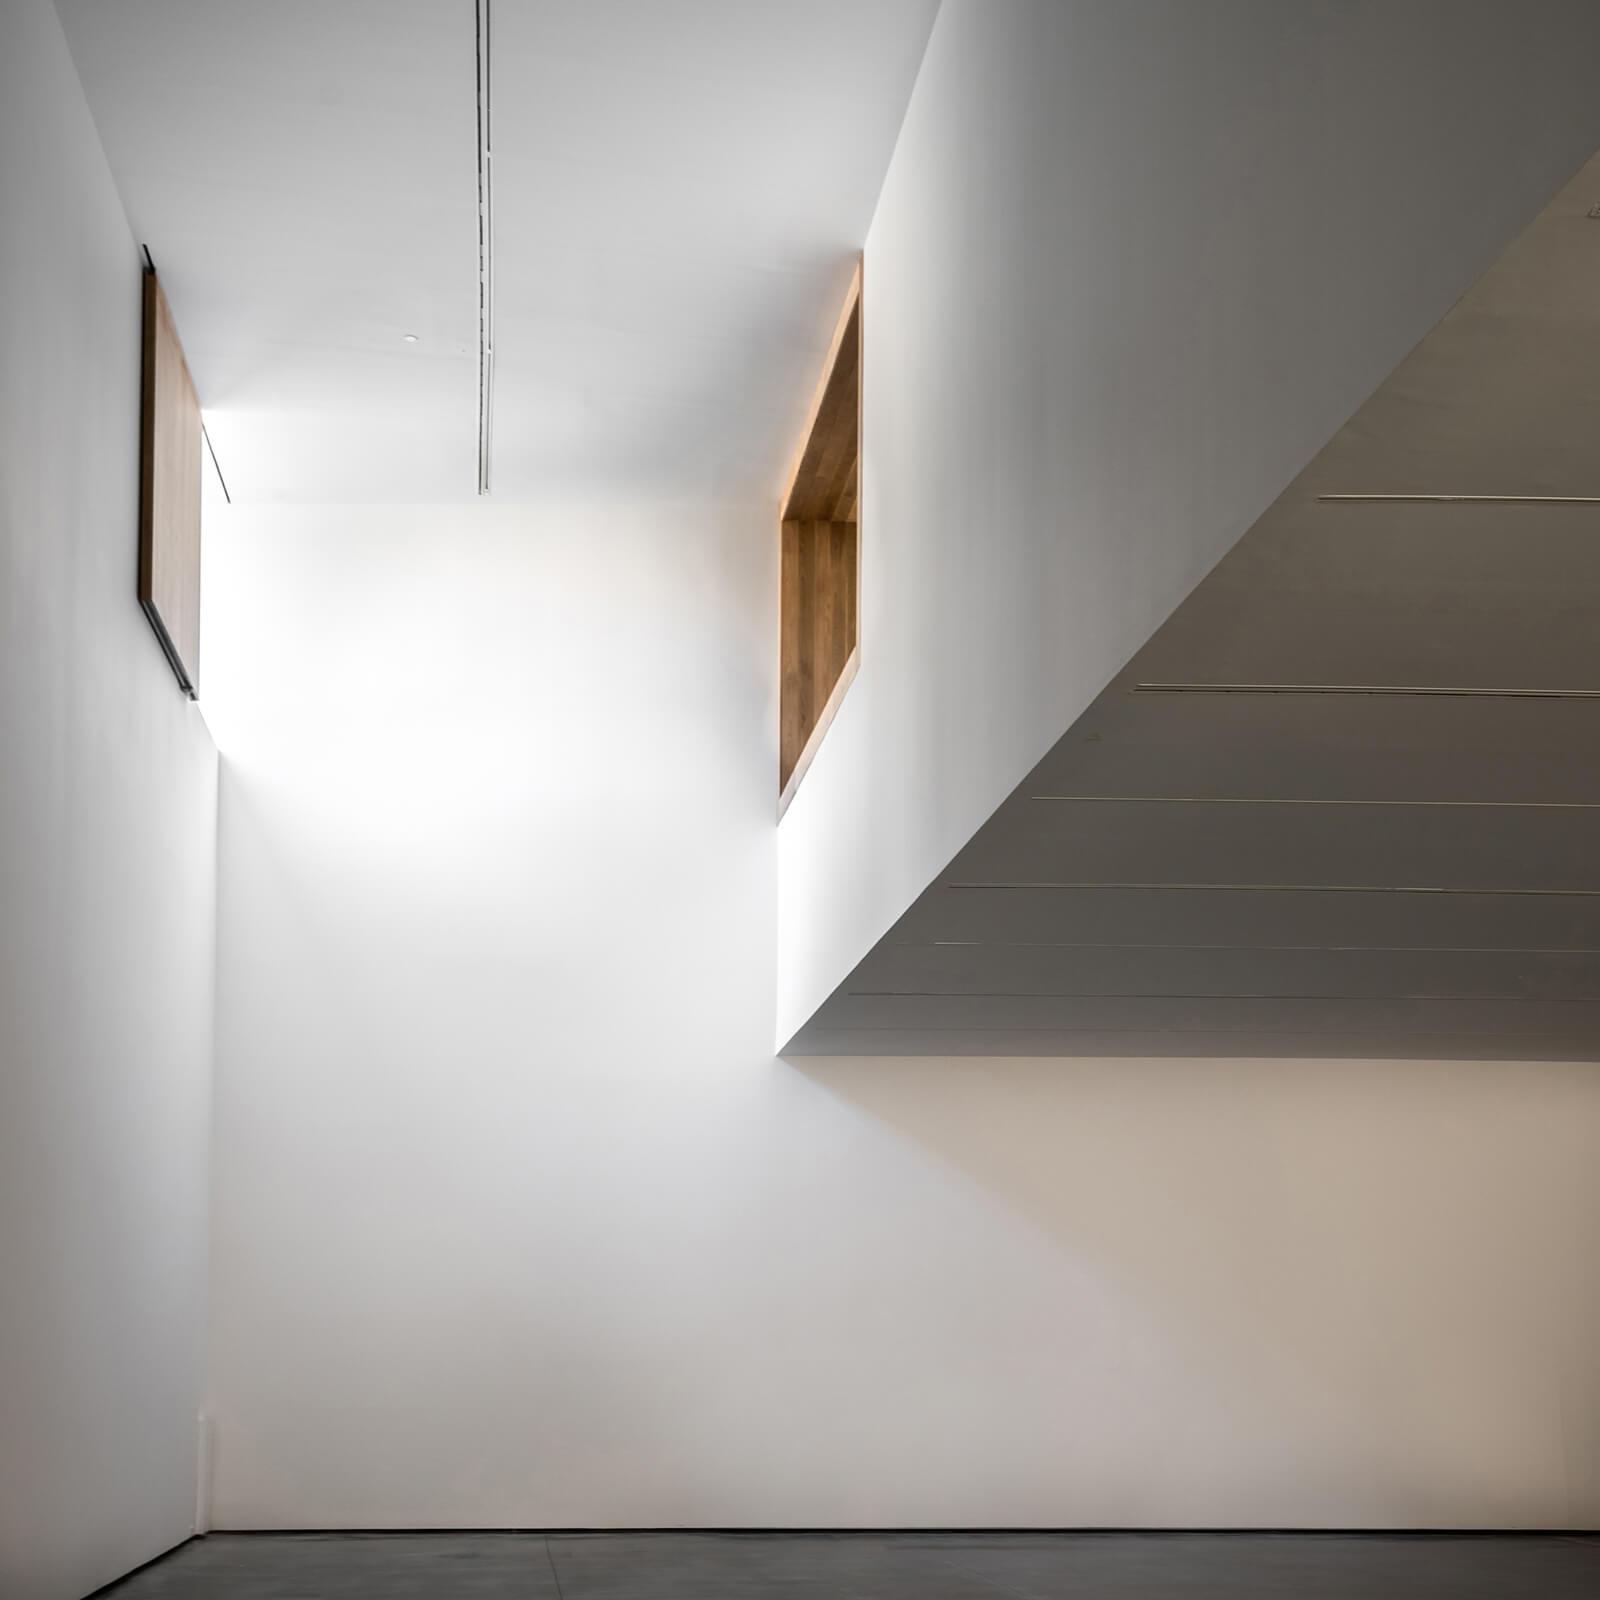 Museo de Arte Contemporáneo Helga de Alvear  - 10.1 53